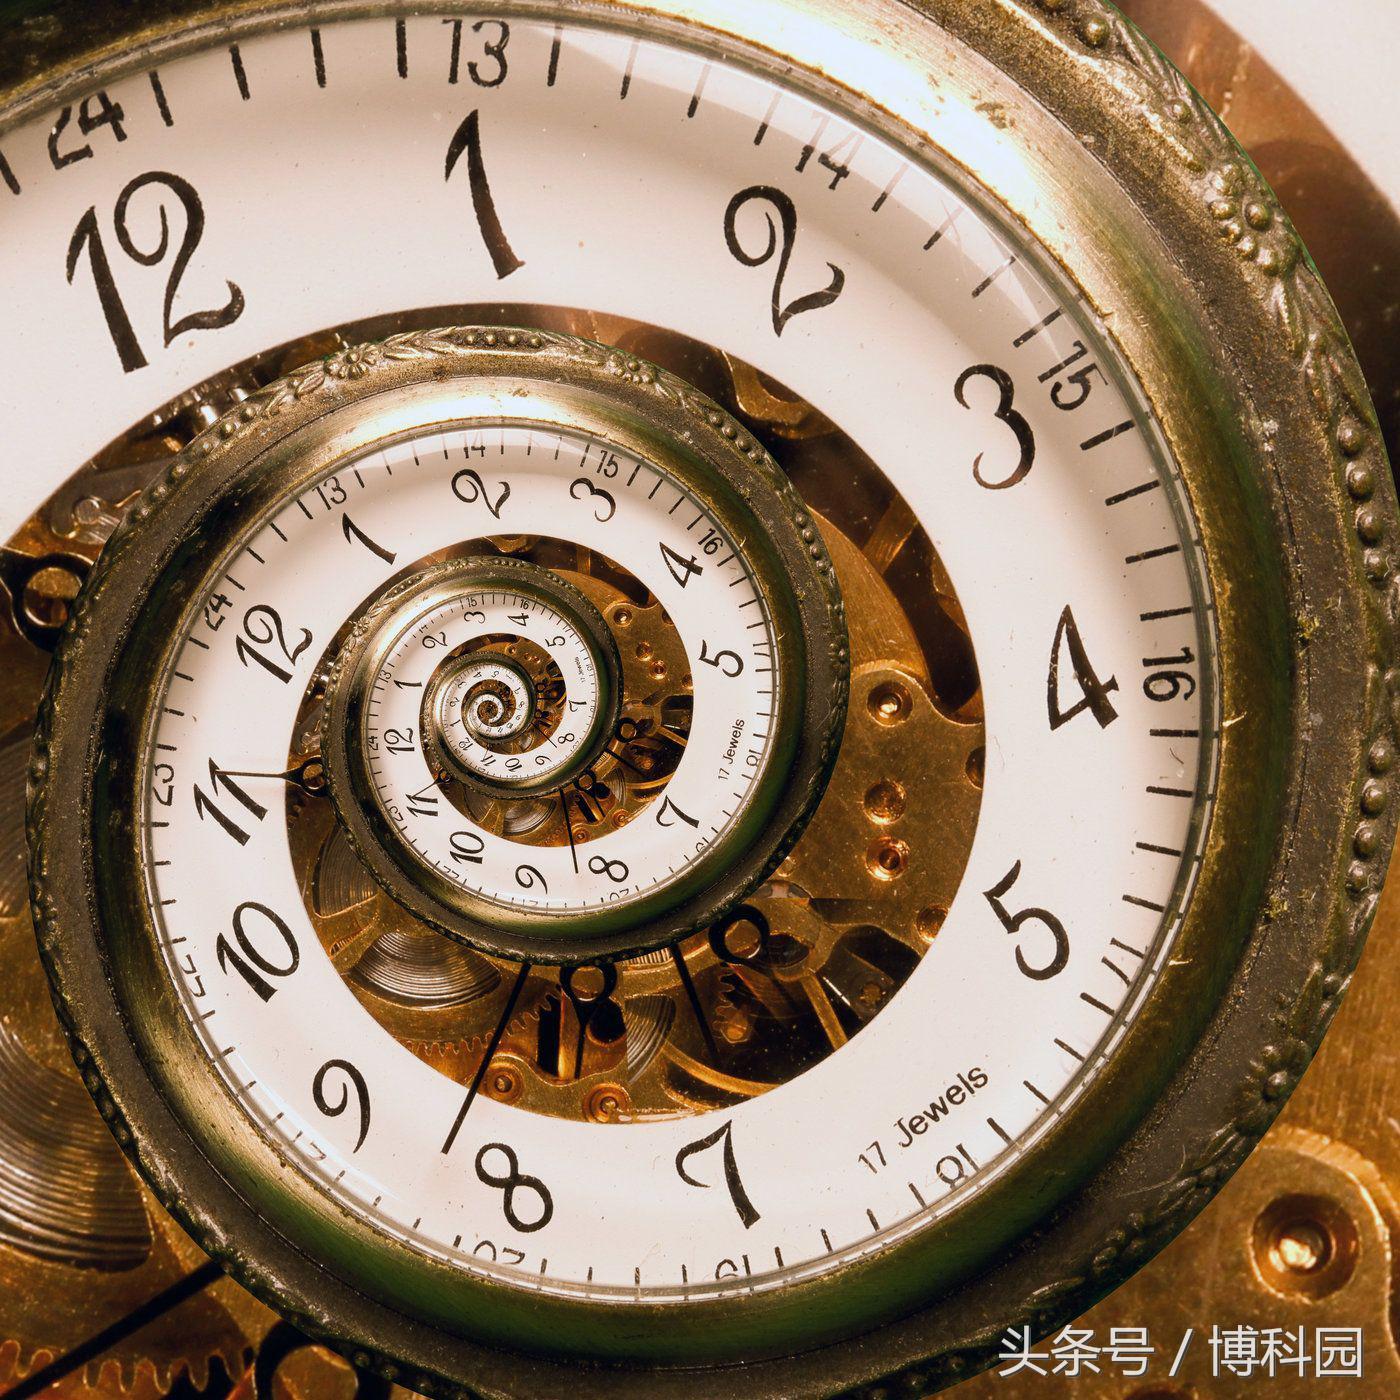 被遗忘的元素可以重新定义时间